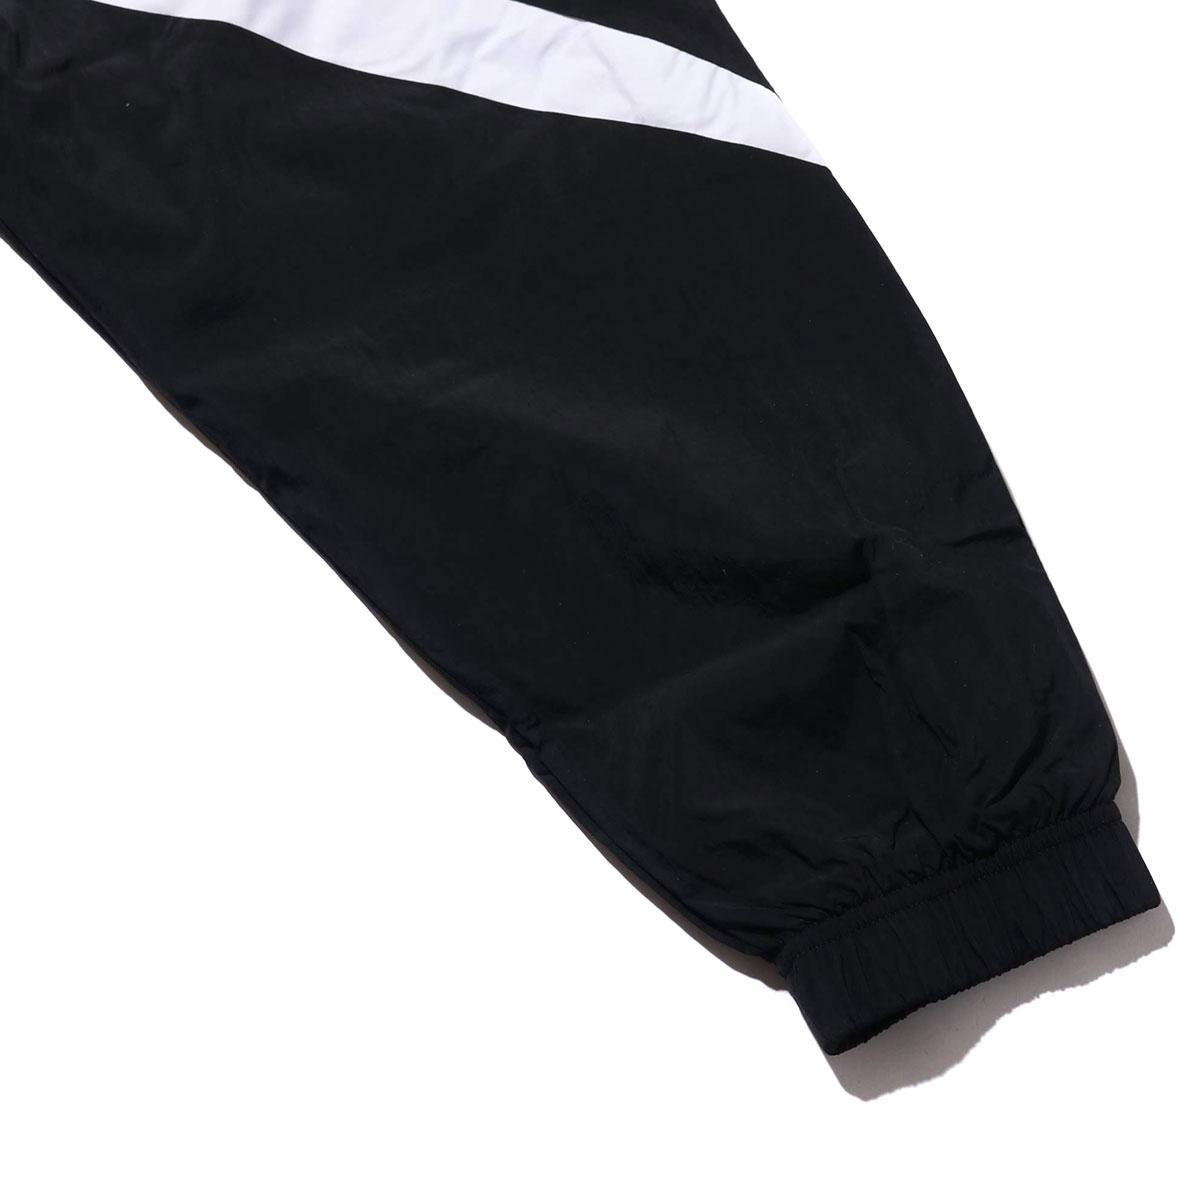 (冬季出清)【NIKE】Sportswear 大LOGO外套 編織外套 外套 黑 男女 AR3133-010 (palace store) 6